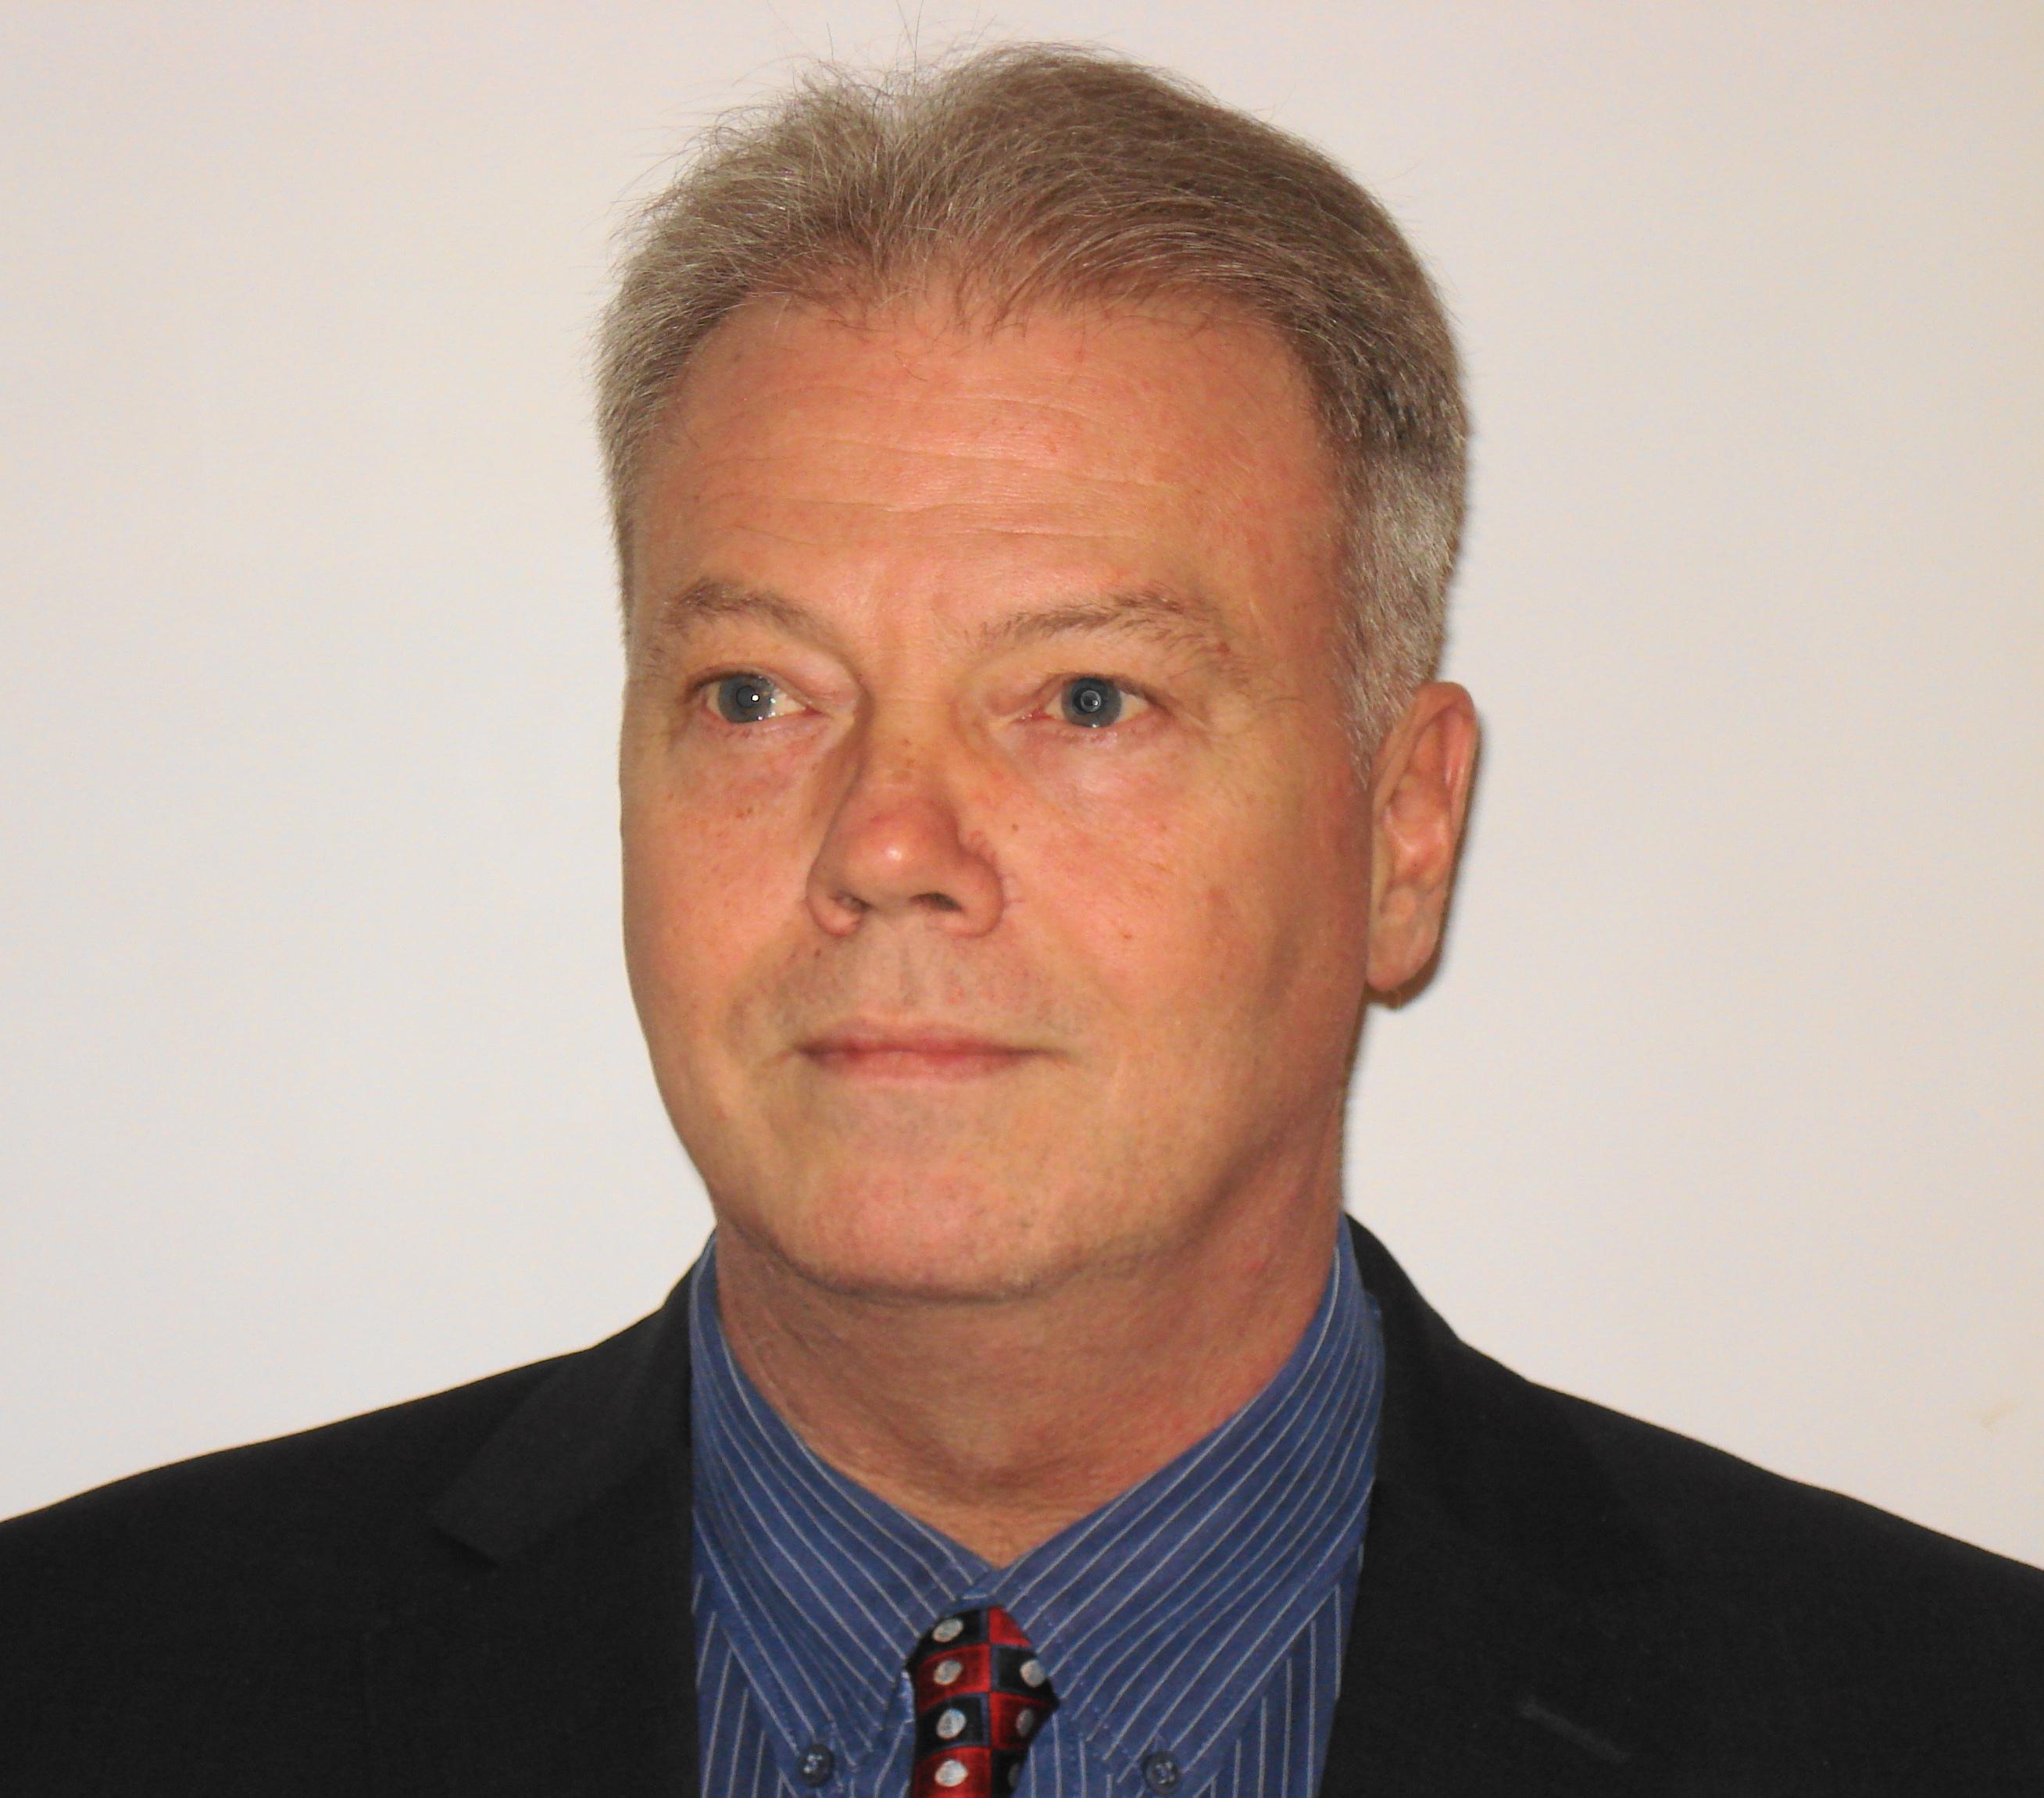 Daniel Donahey Trainer